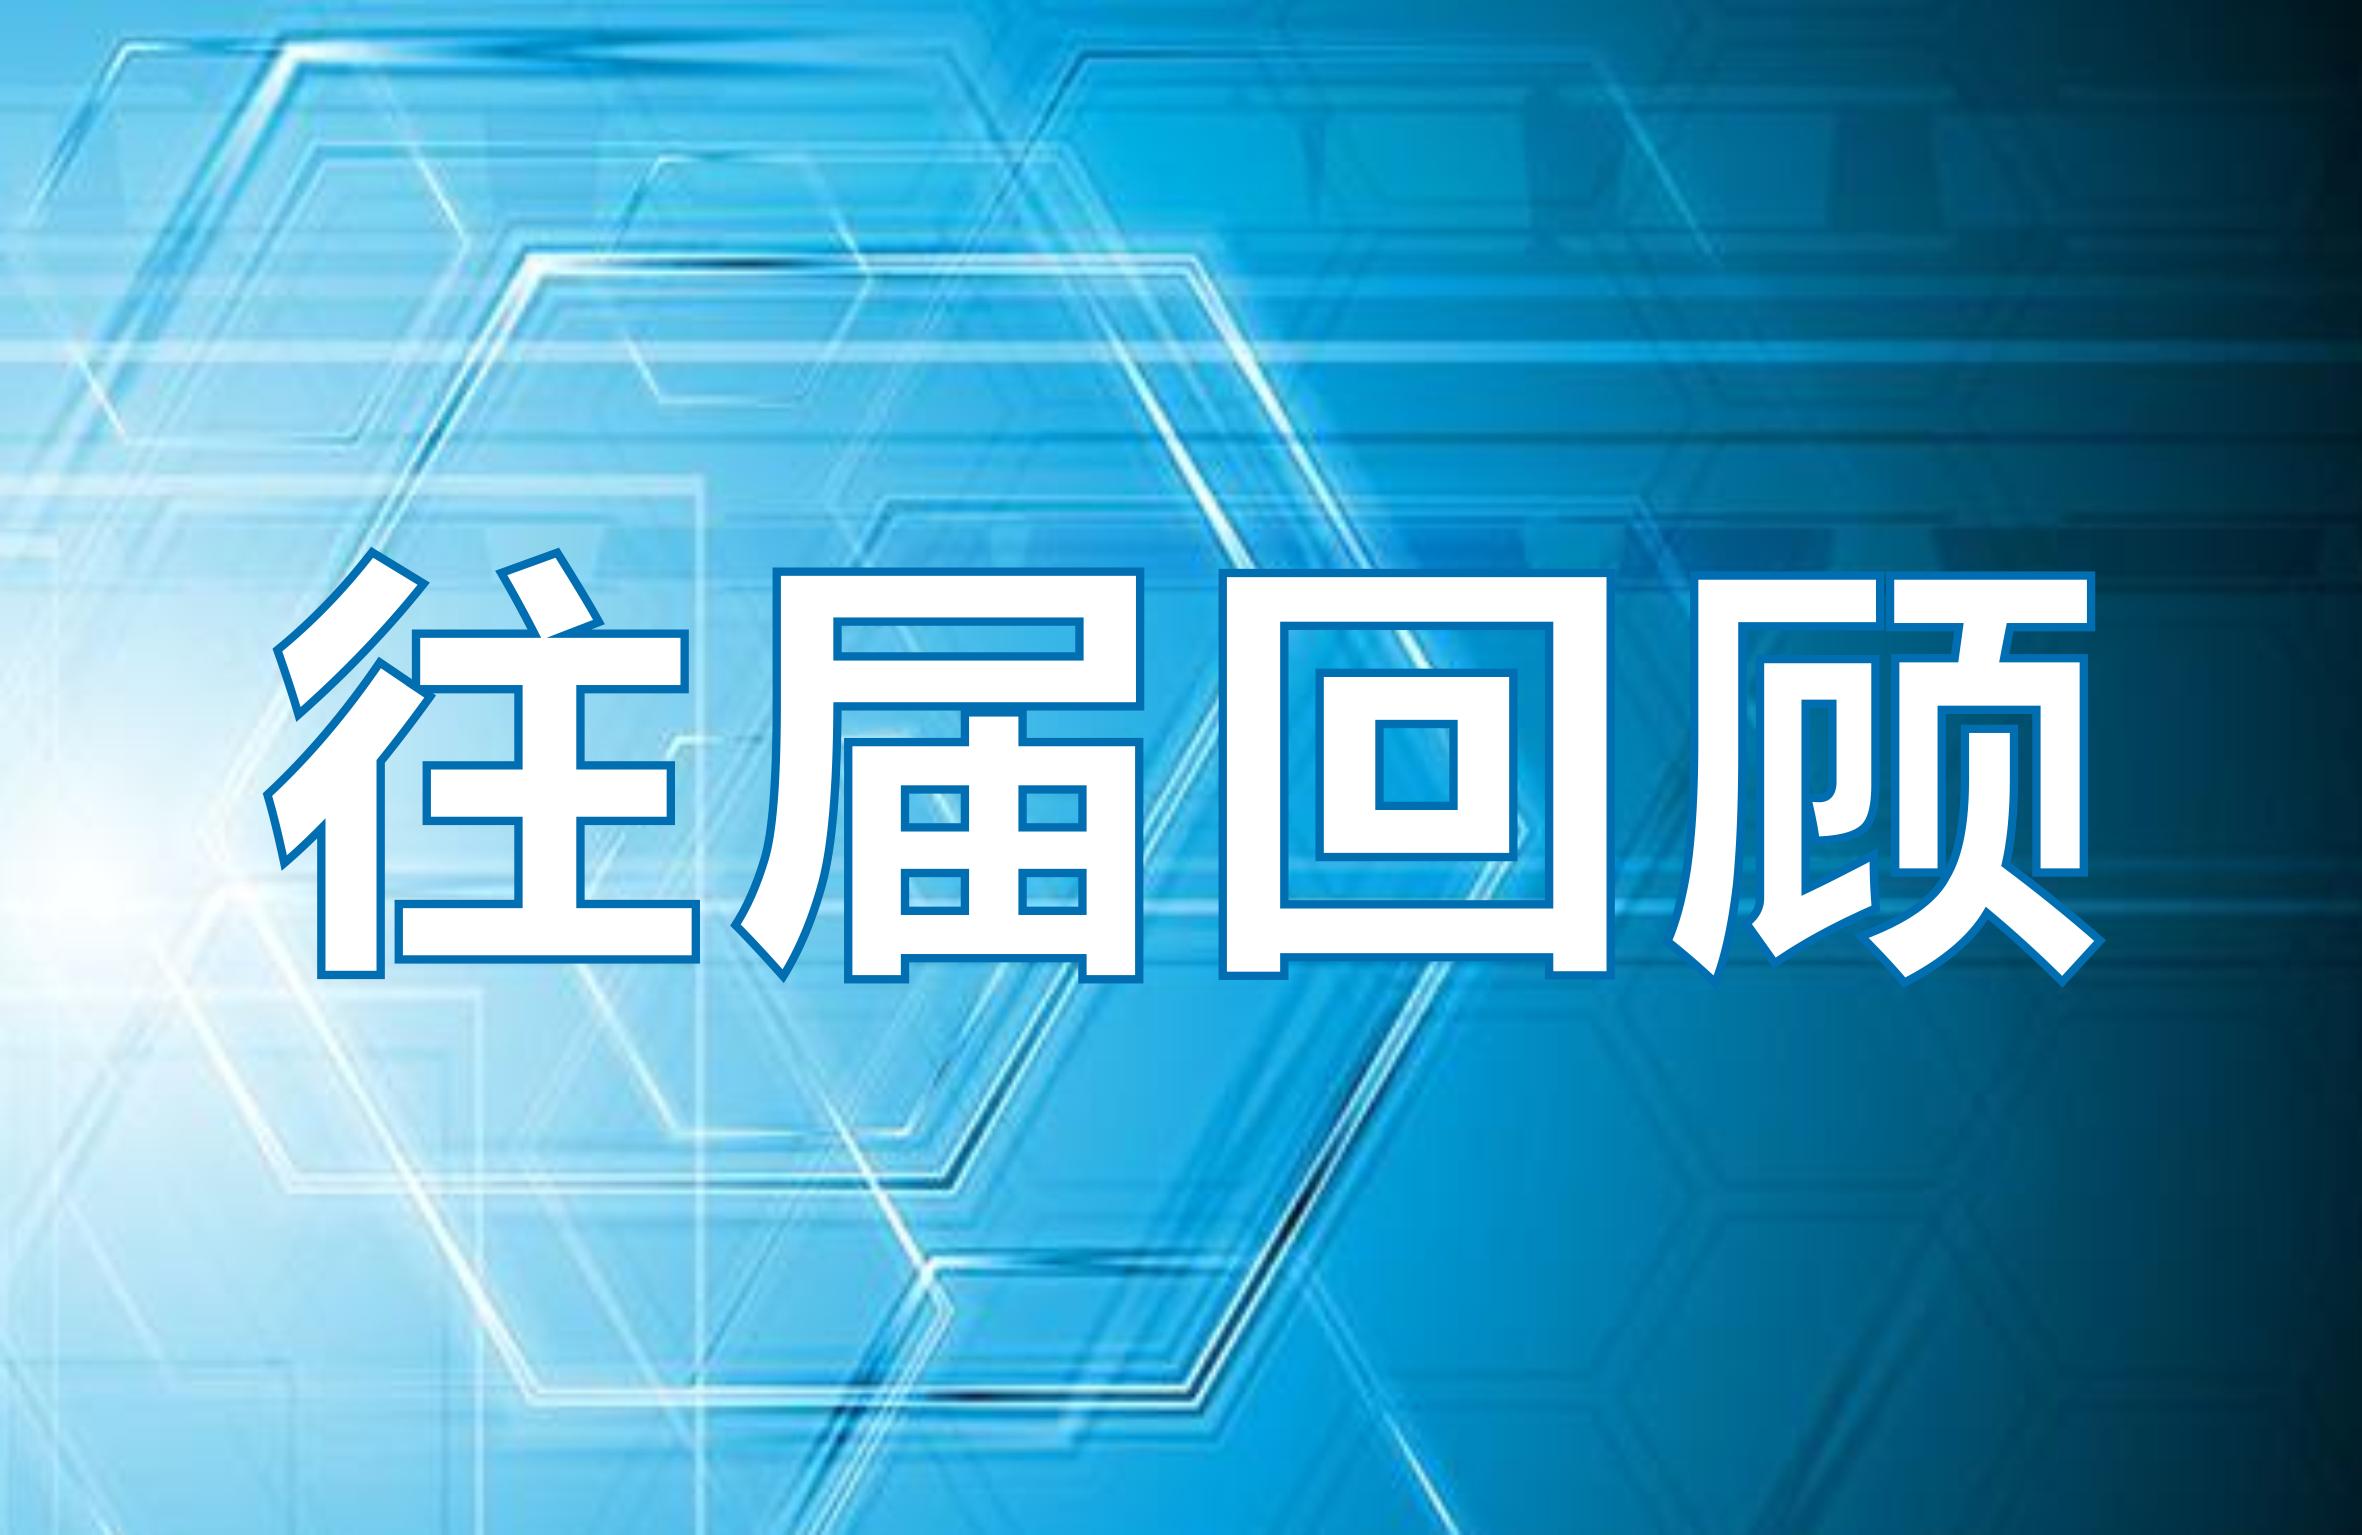 往届回顾:硬件创新大咖齐聚深圳,上演最强硬创人巅峰之战